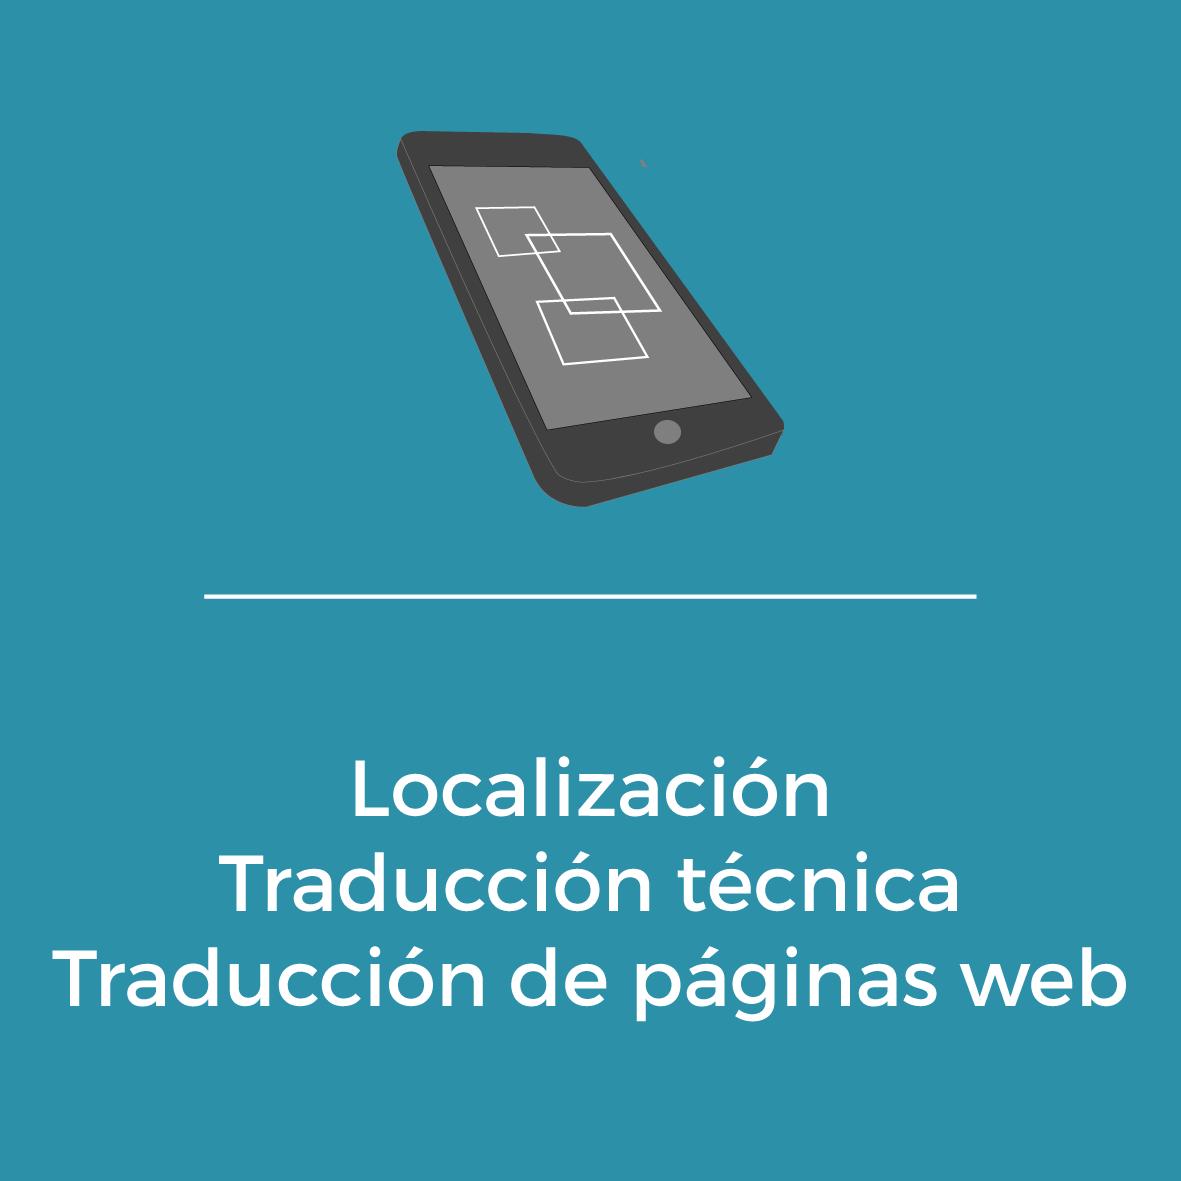 Servicios - Localización - Traducción técnica -Traducción de páginas web